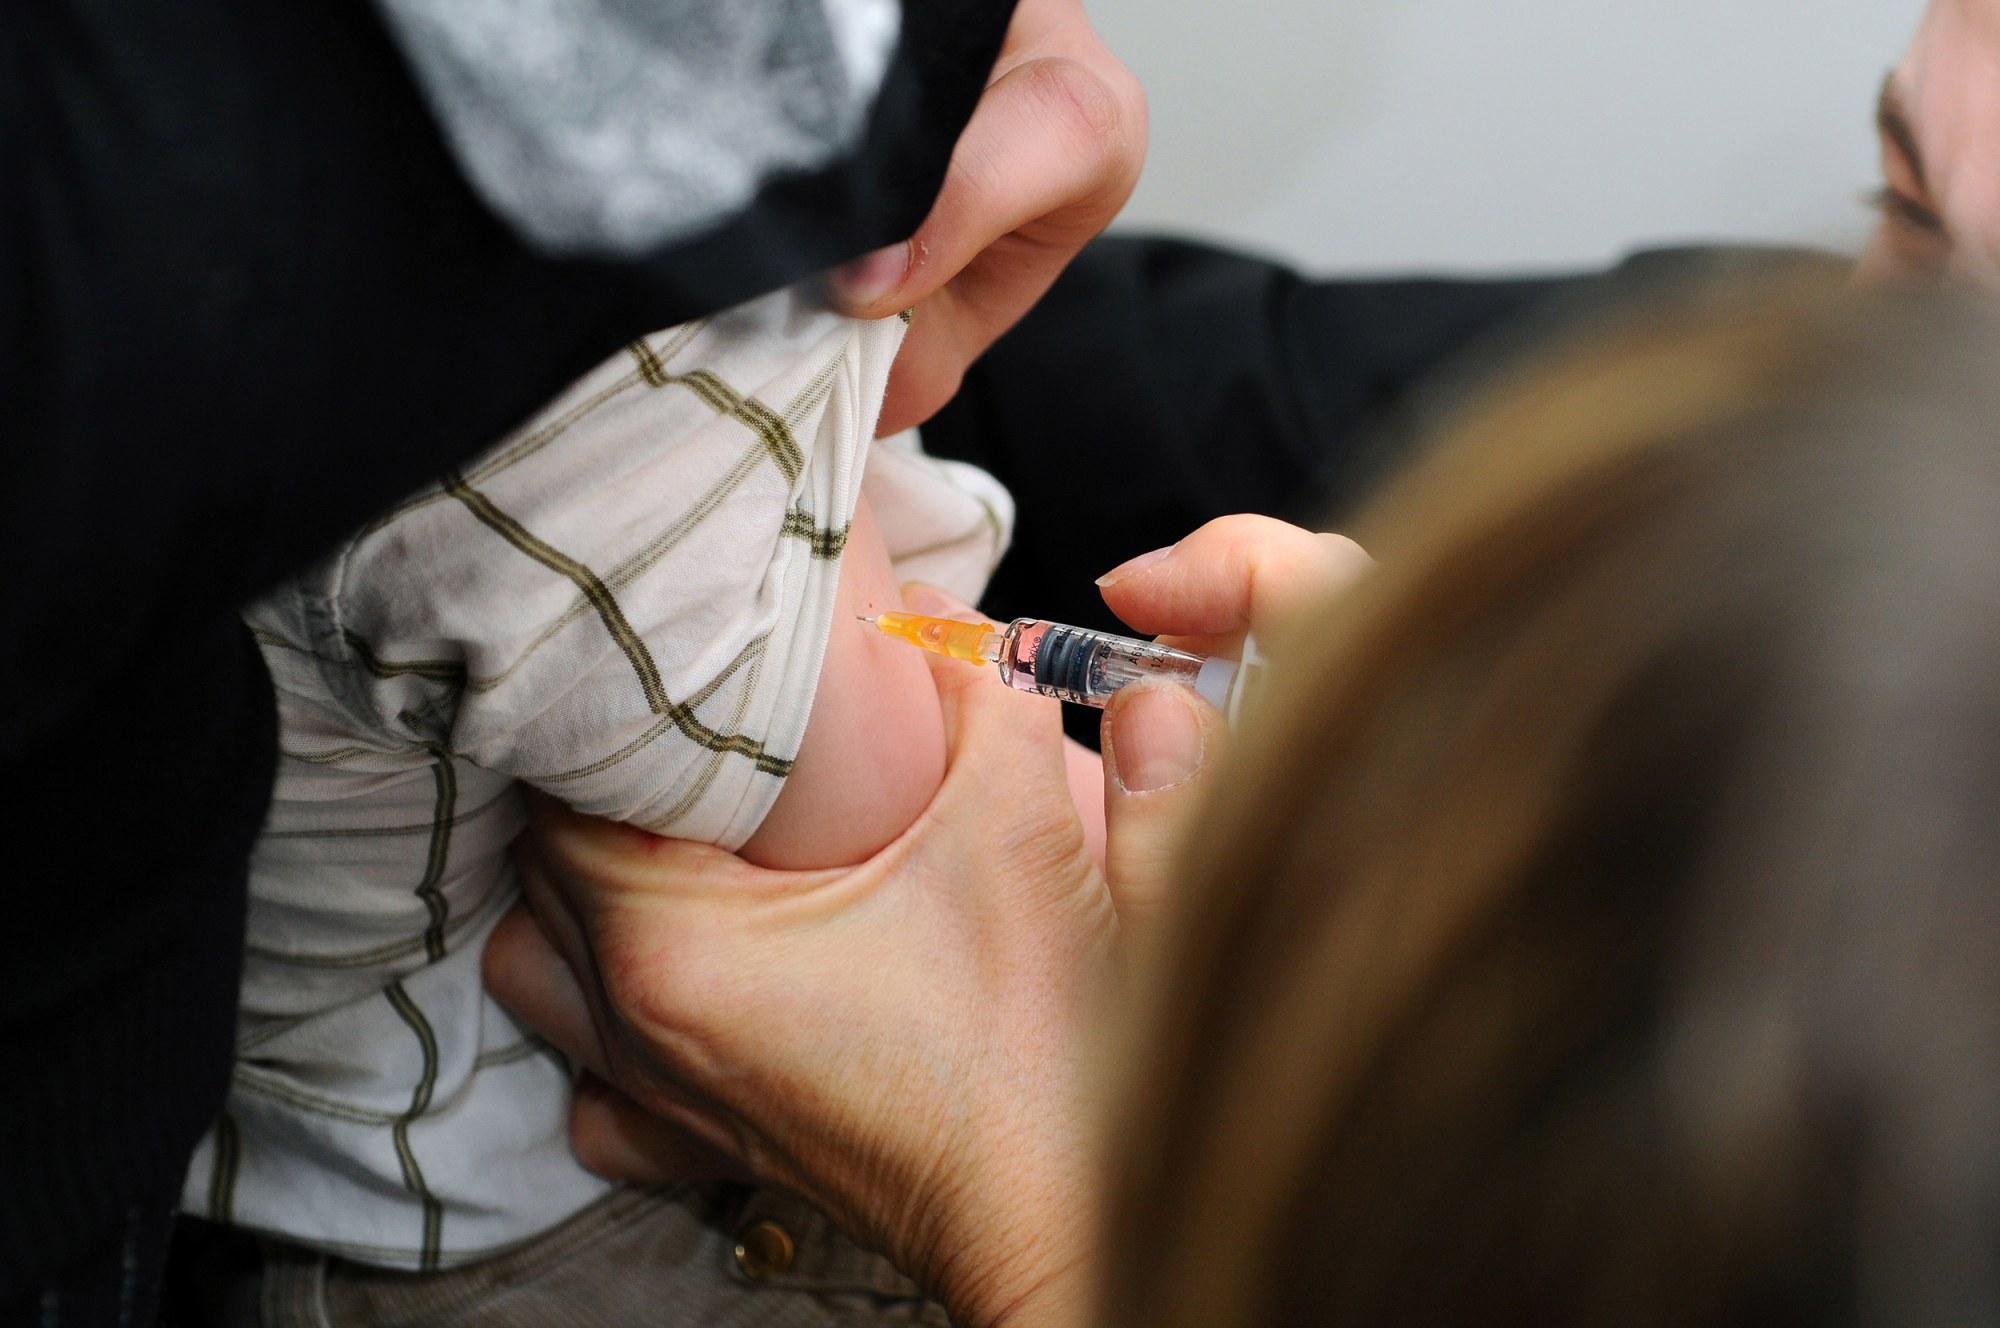 Measles cases surpass 1,000